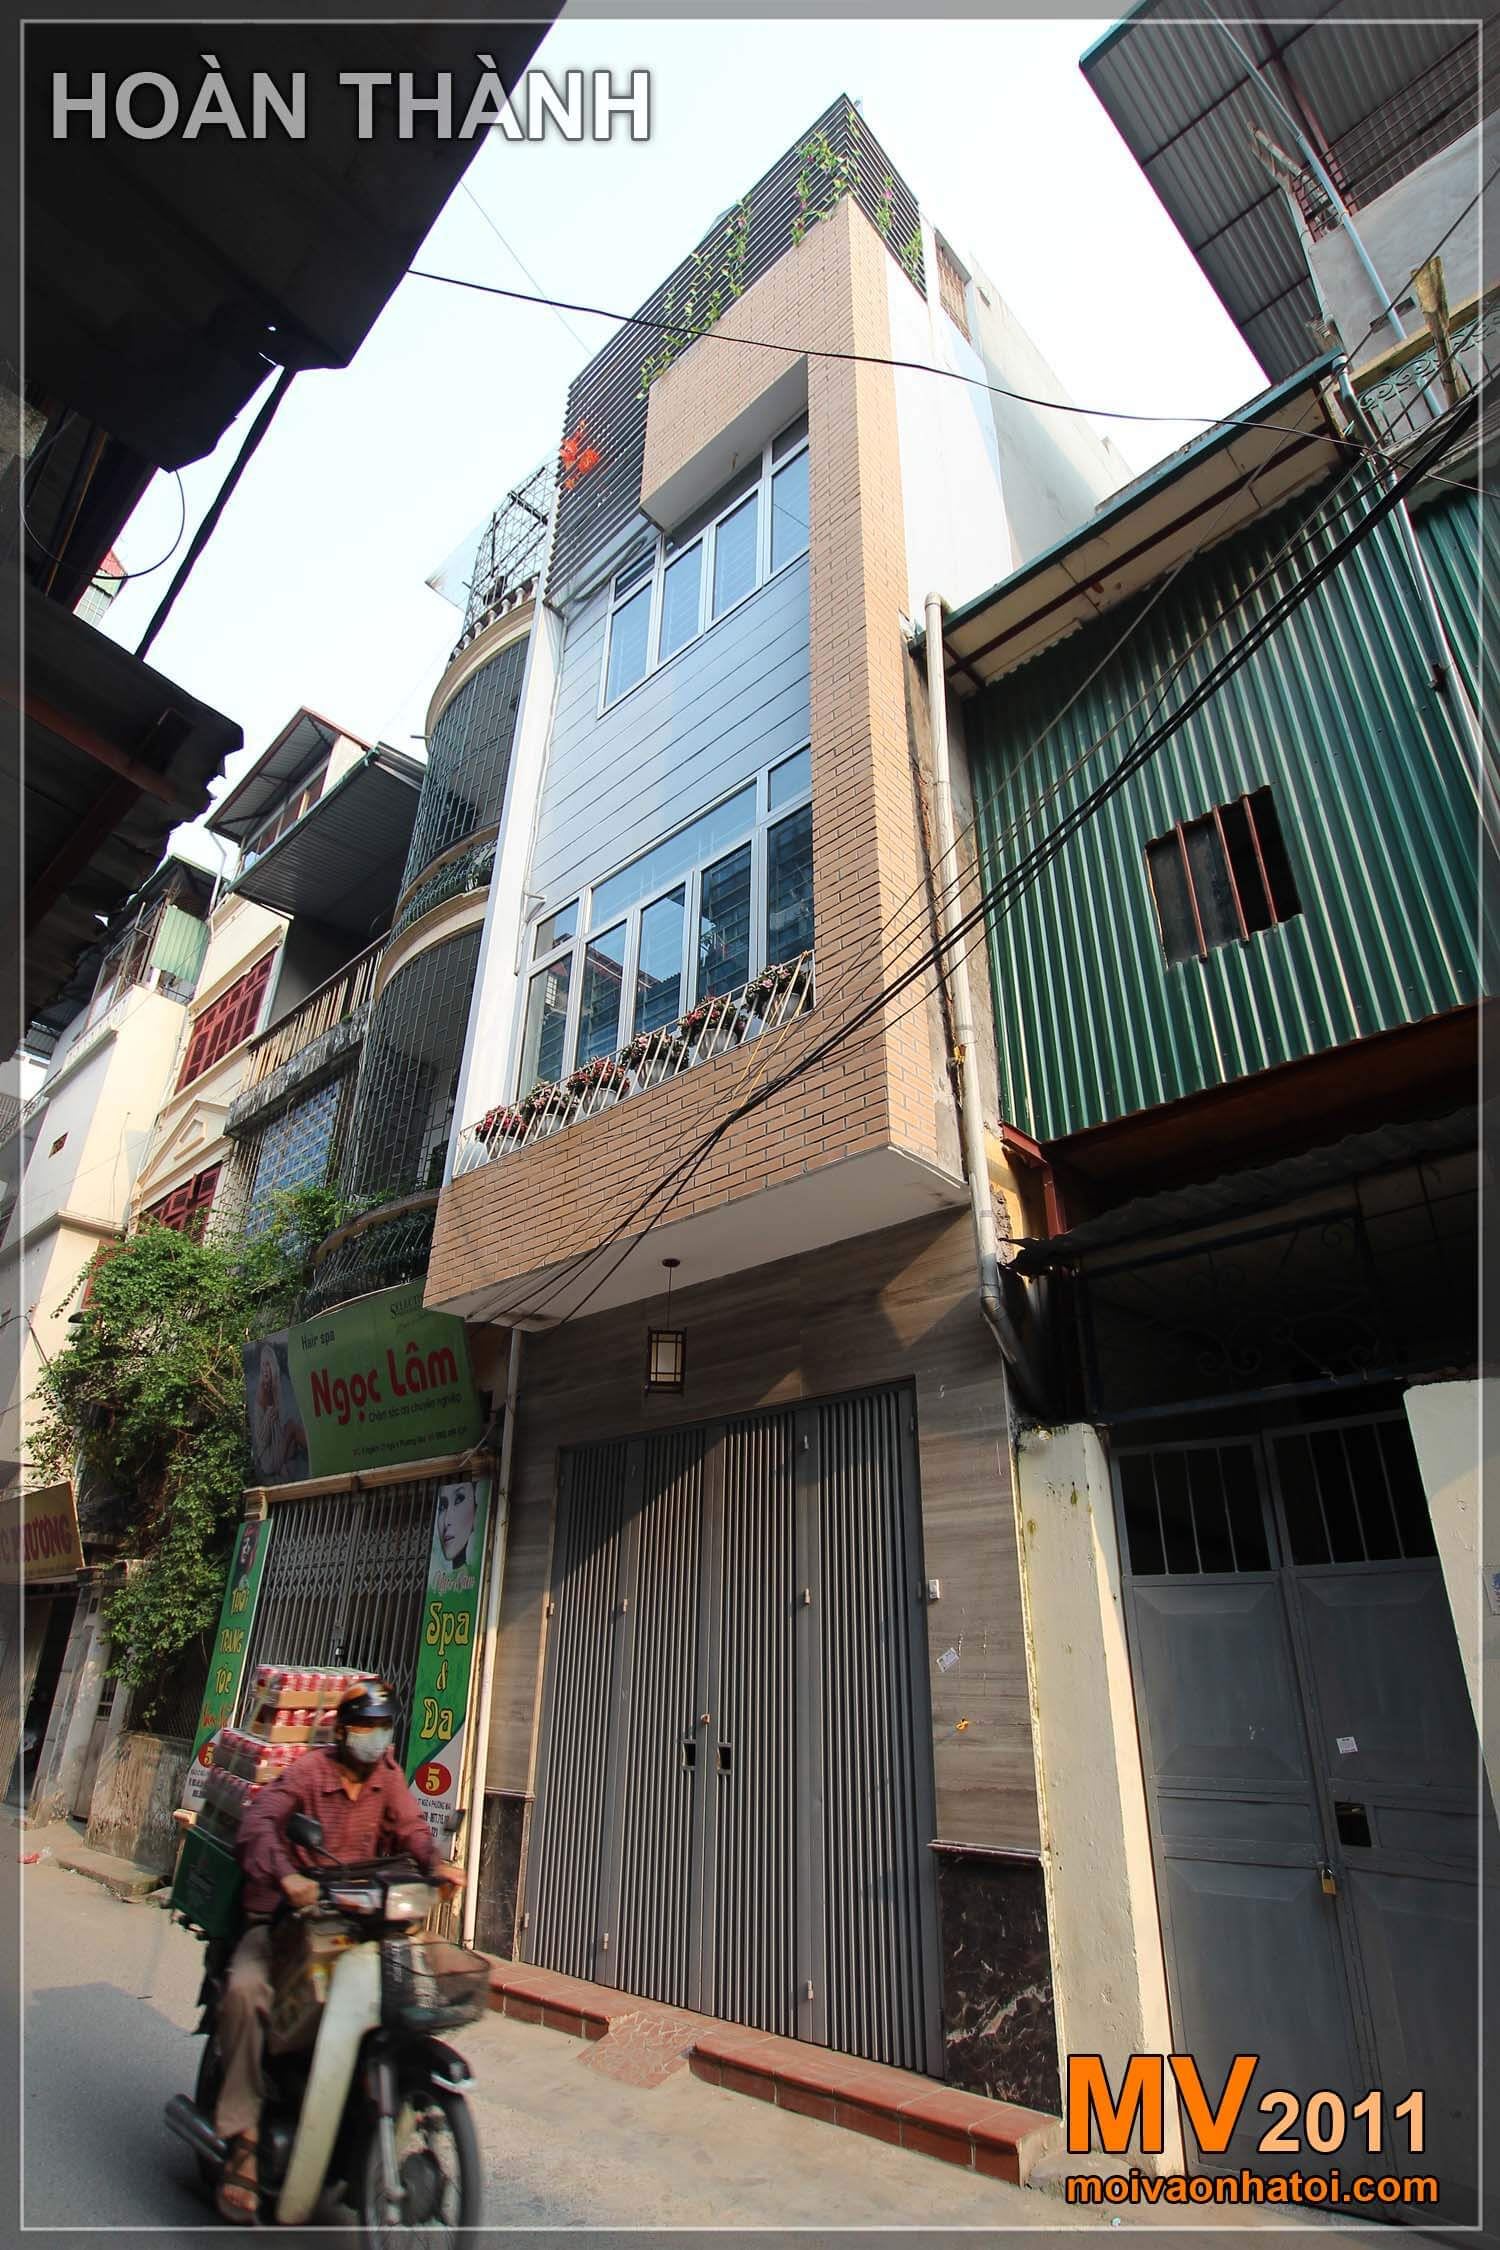 thiếHình ảnh nhà phố từ cũ trước khi cải tạo và mới